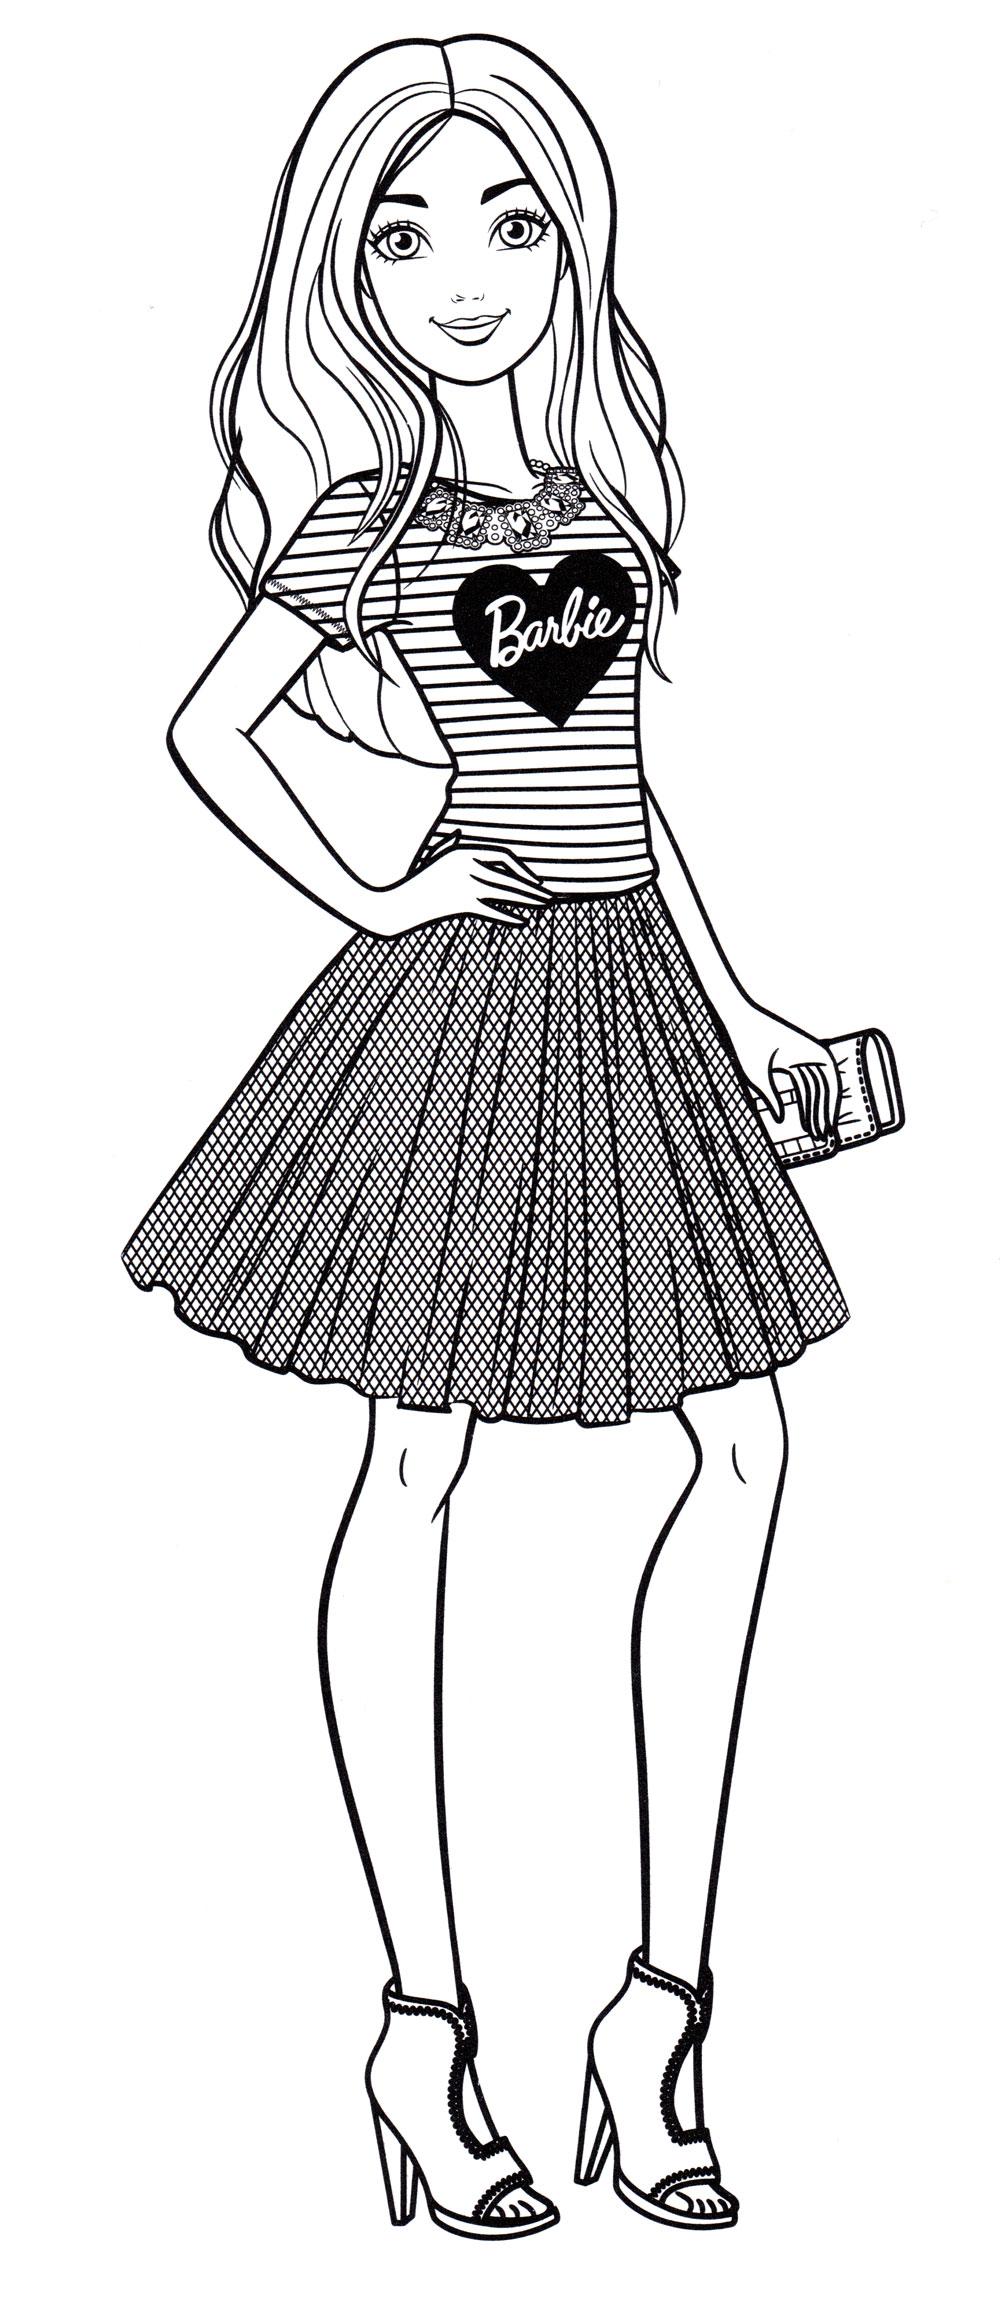 Раскраска Барби в юбке - распечатать бесплатно